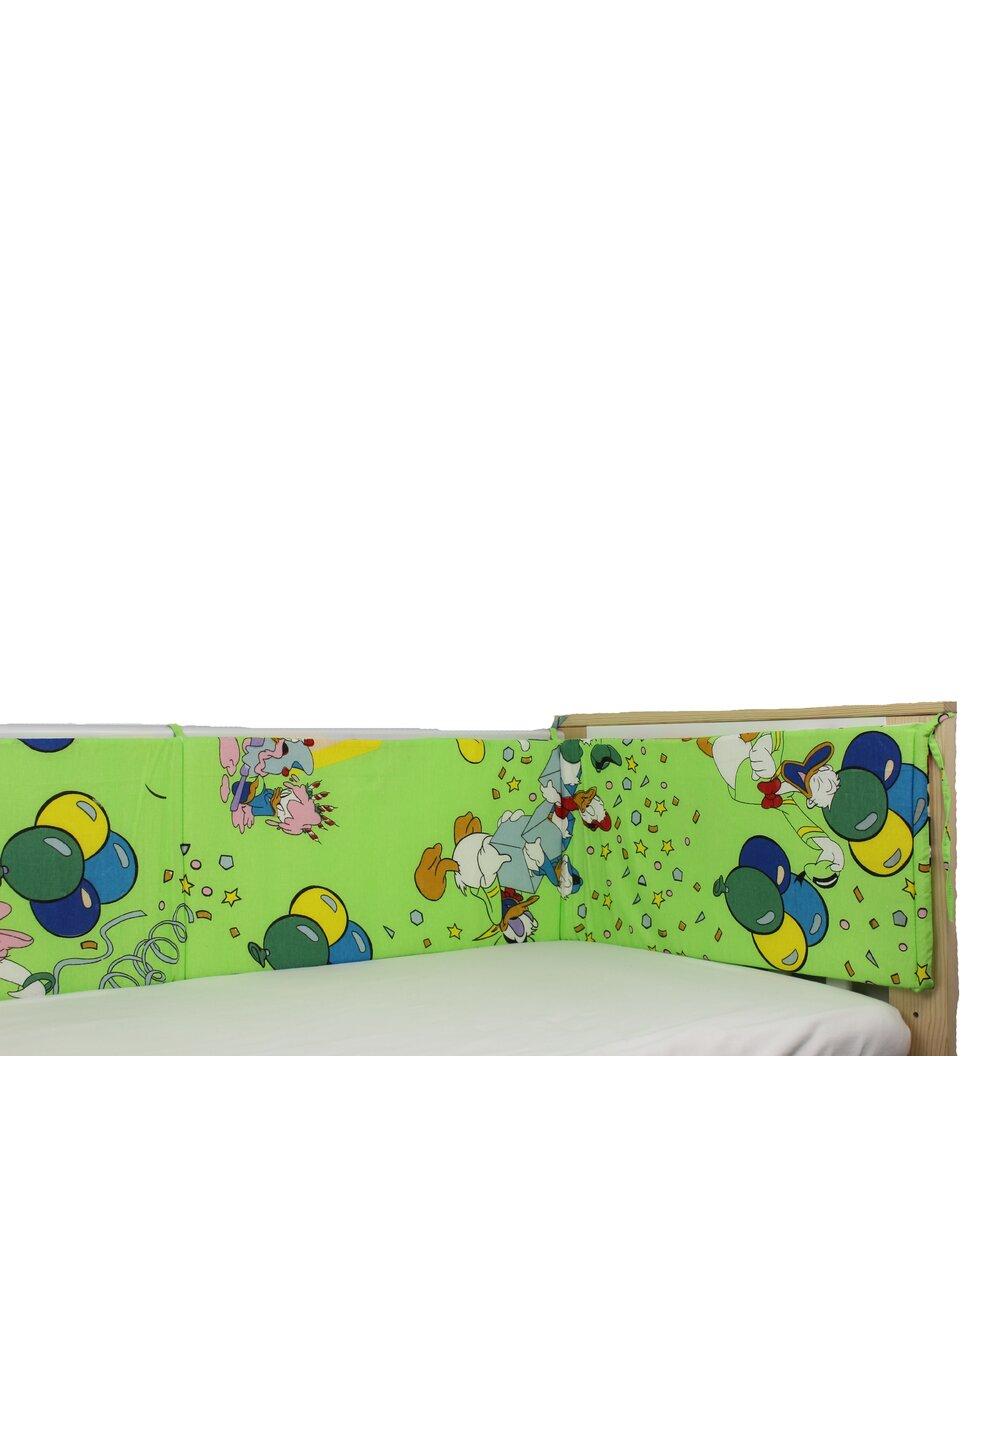 Aparatoare laterala patut, dreapta, Mickey petrece, verde 180 x 30 cm imagine